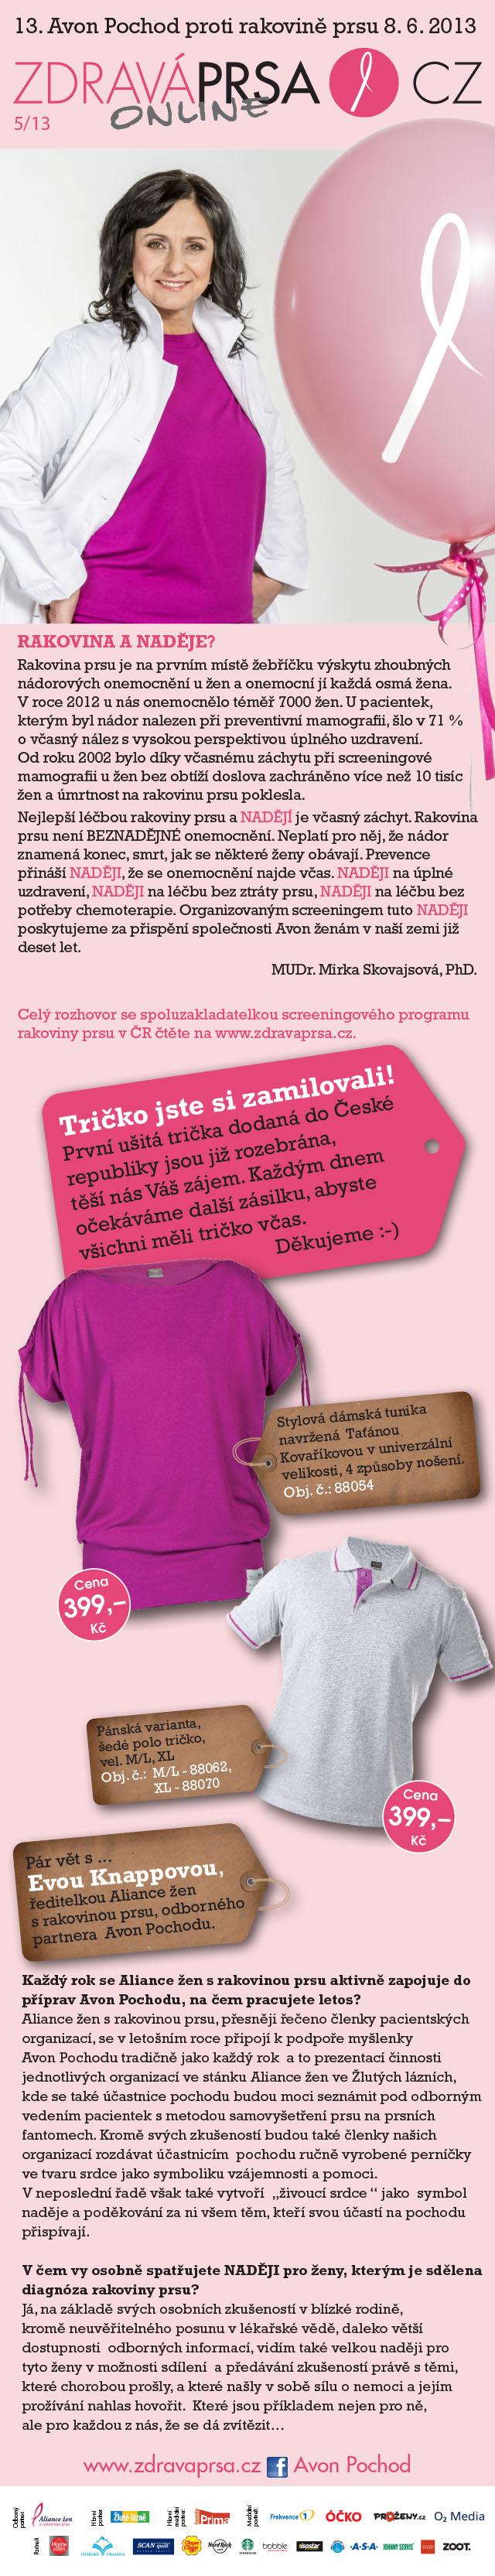 Zdrava prsa.cz ONLINE 5.2013